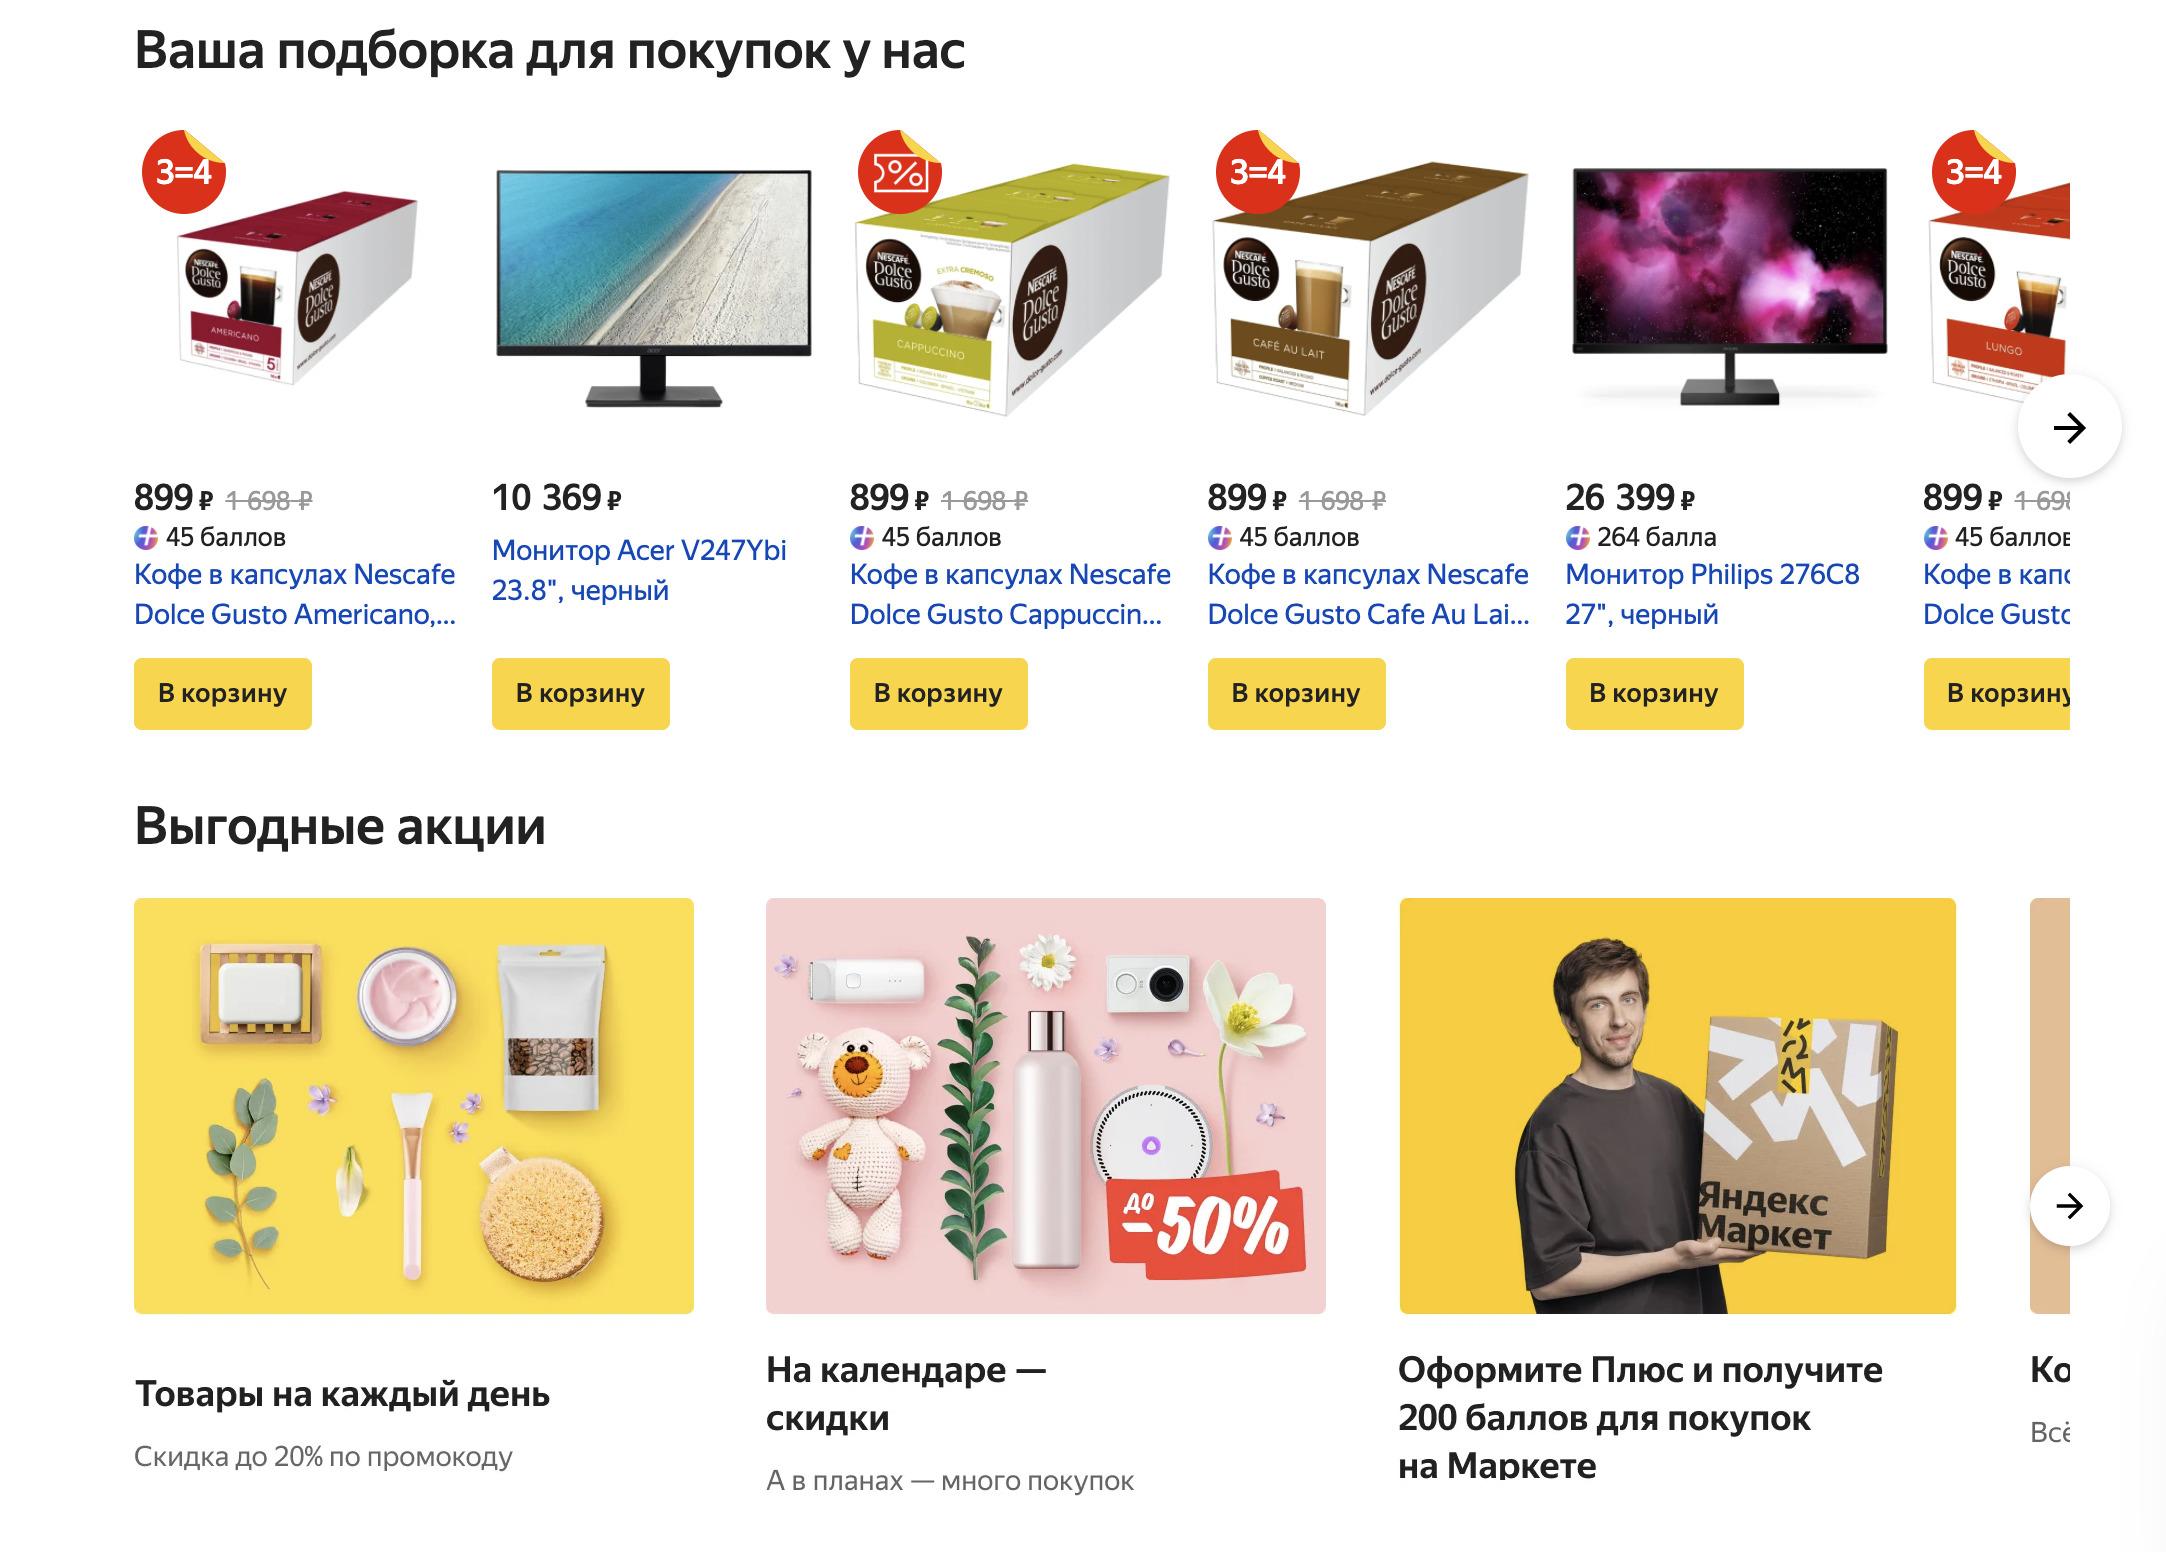 Доставка из Яндекс.Маркет в Лабинск, сроки, пункты выдачи, каталог